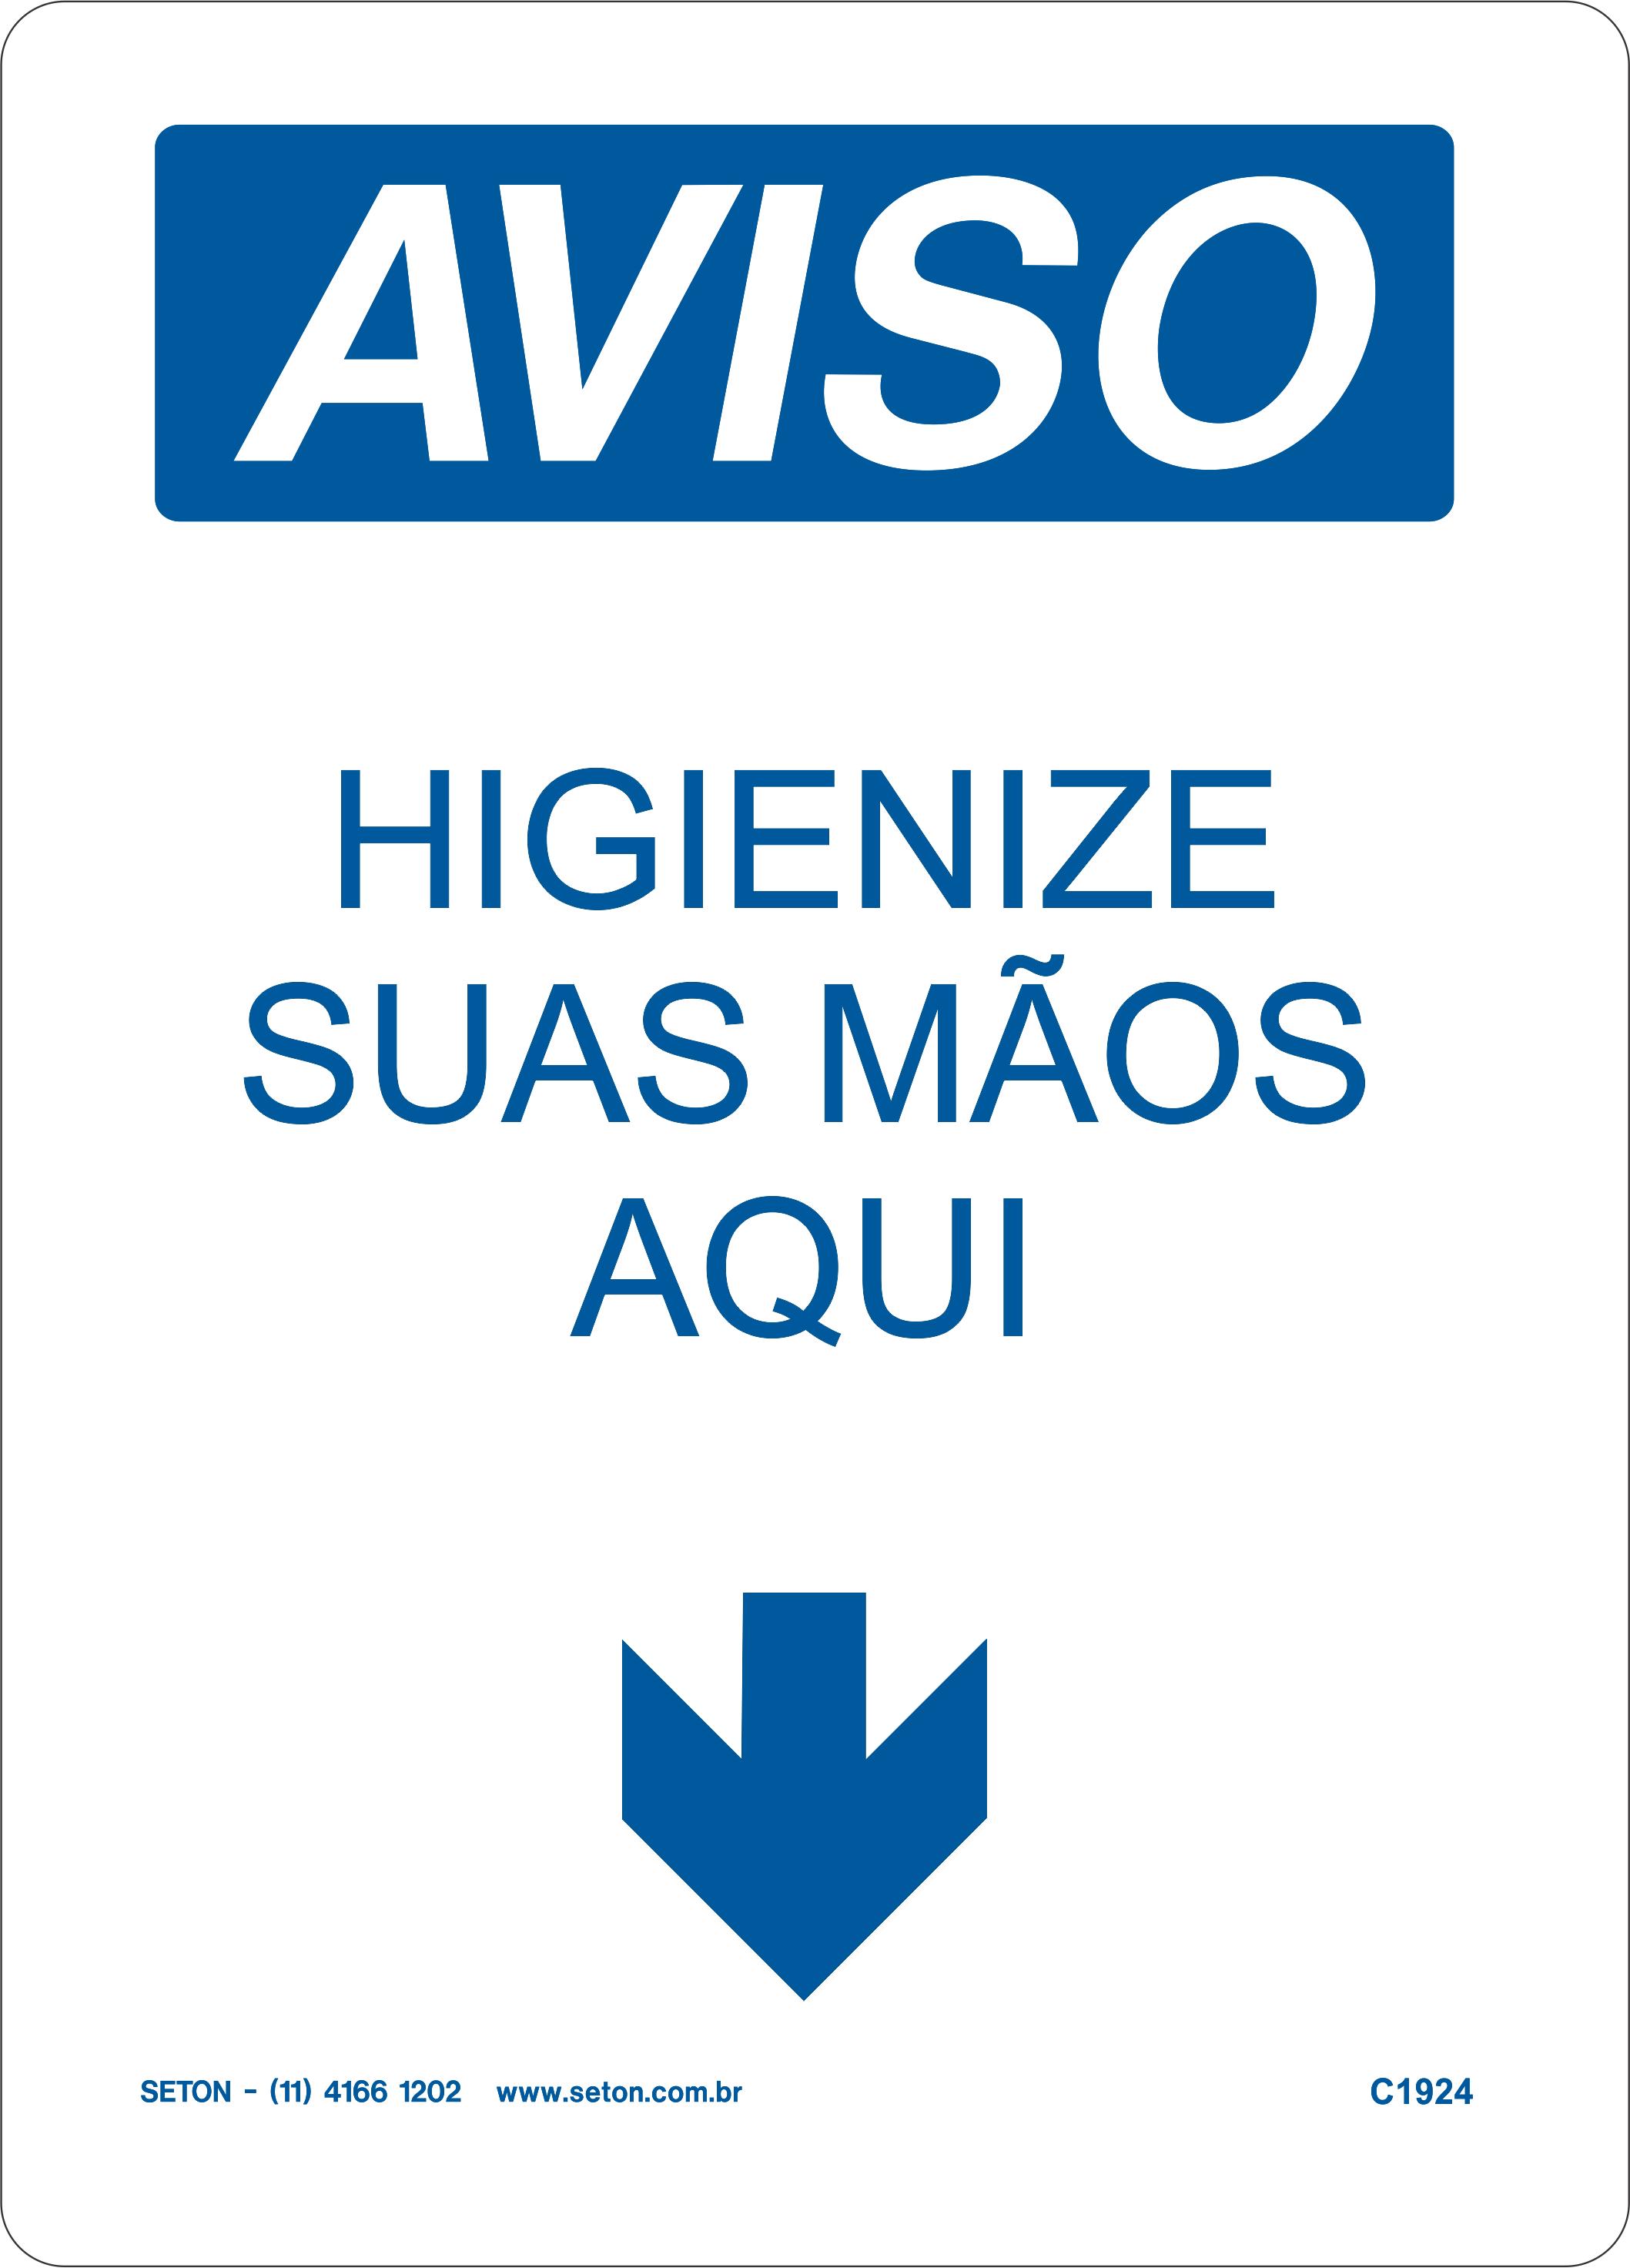 Placa de Aviso – Higienize Suas Mãos Aqui